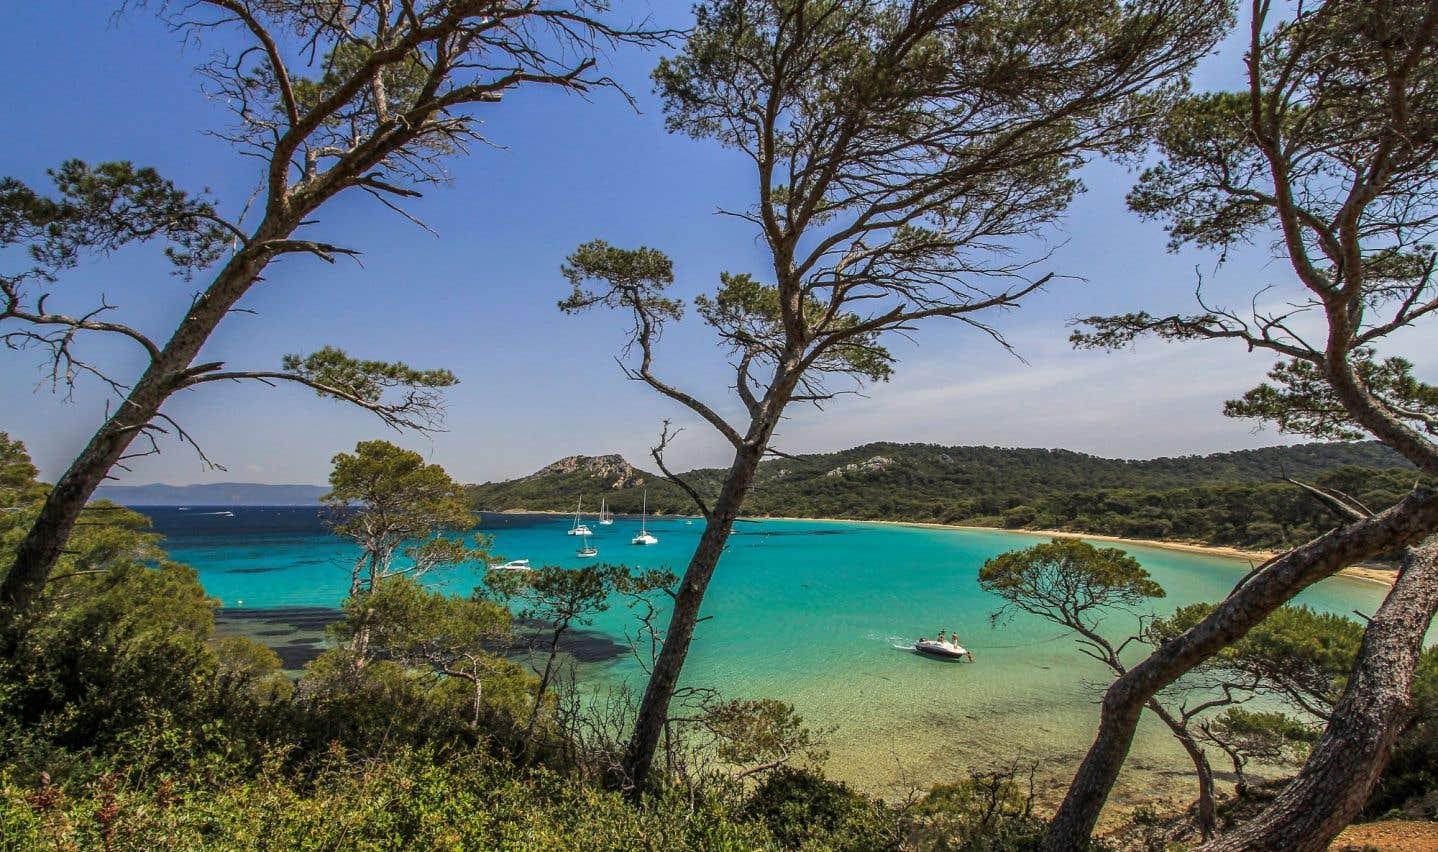 Porquerolles, la plus grande des îles d'Hyères, est piétonne et dotée de belles plages. Elle est un coin de paradis où se retrouver en amoureux.